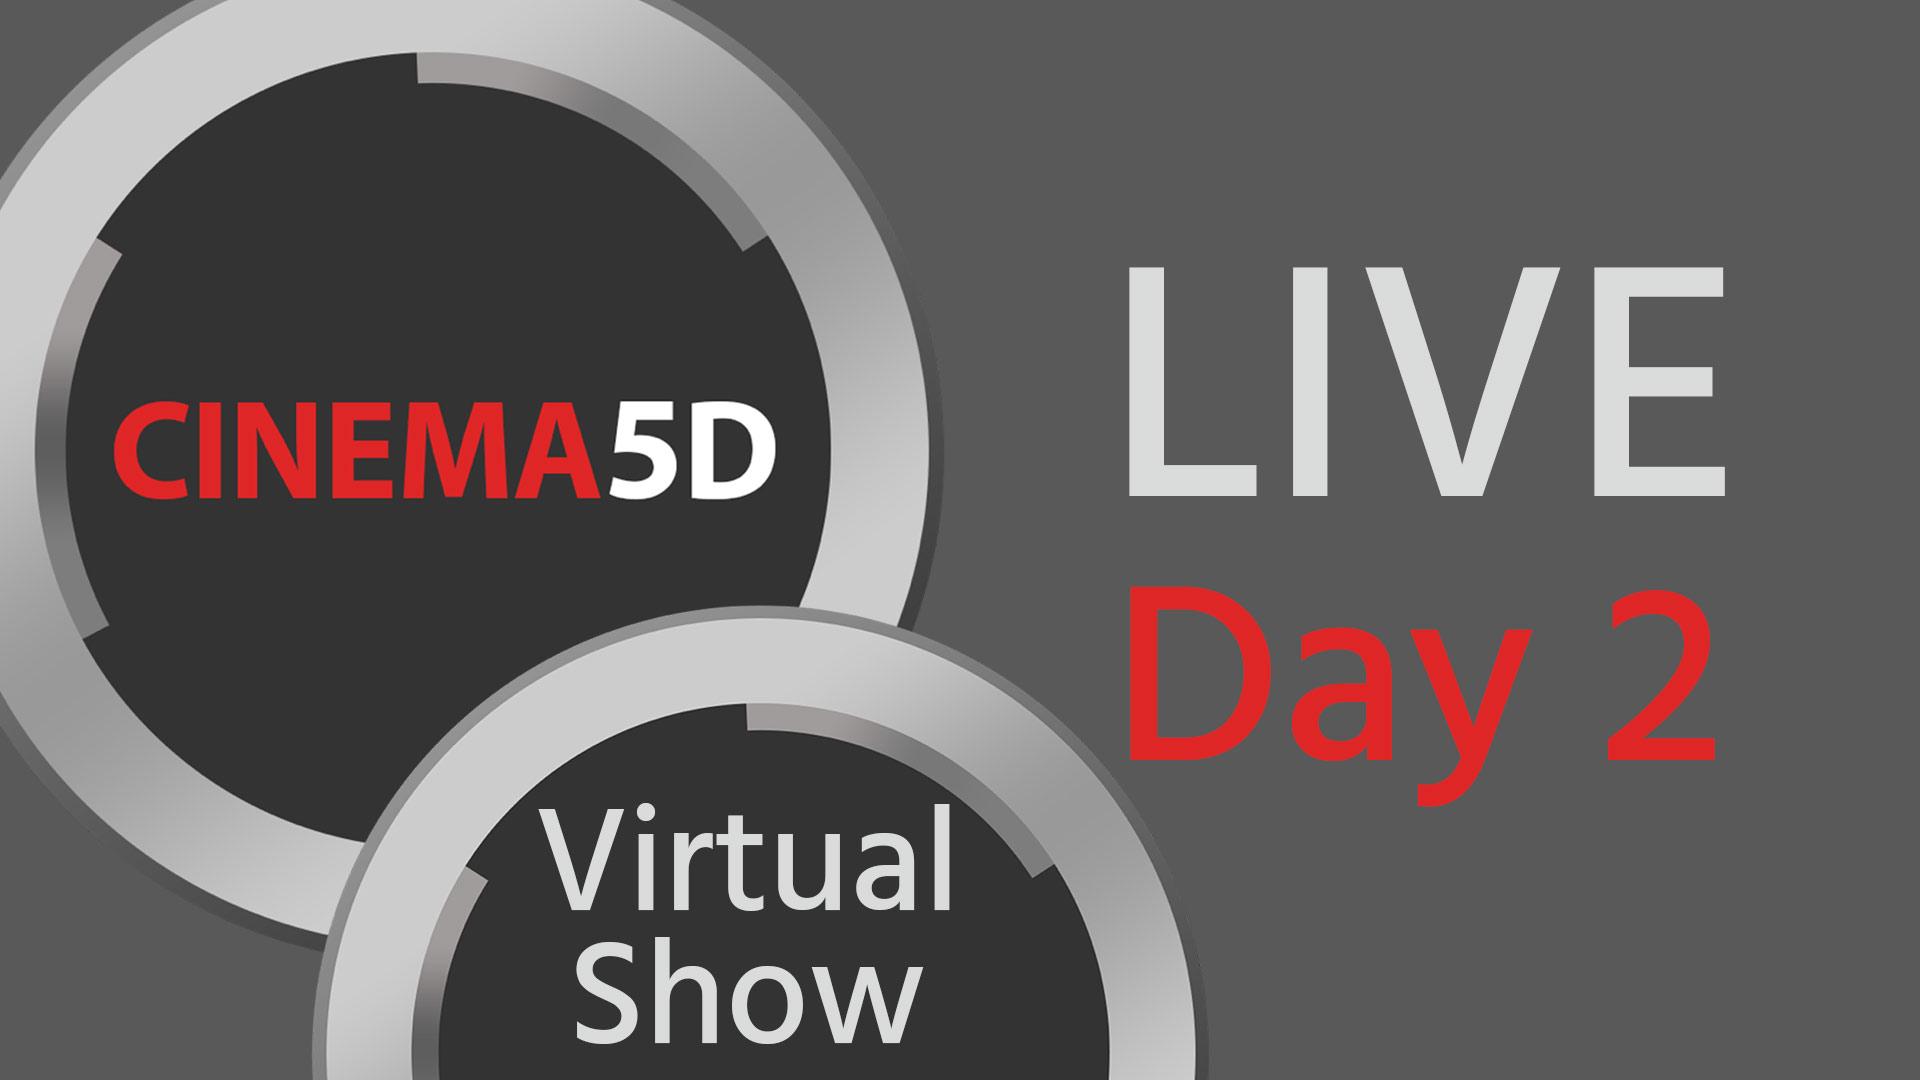 Feria Virtual de Cinema5D Día 2 - EN VIVO a las 12 pm EDT - Panasonic S1H RAW & Charlas con Cineastas